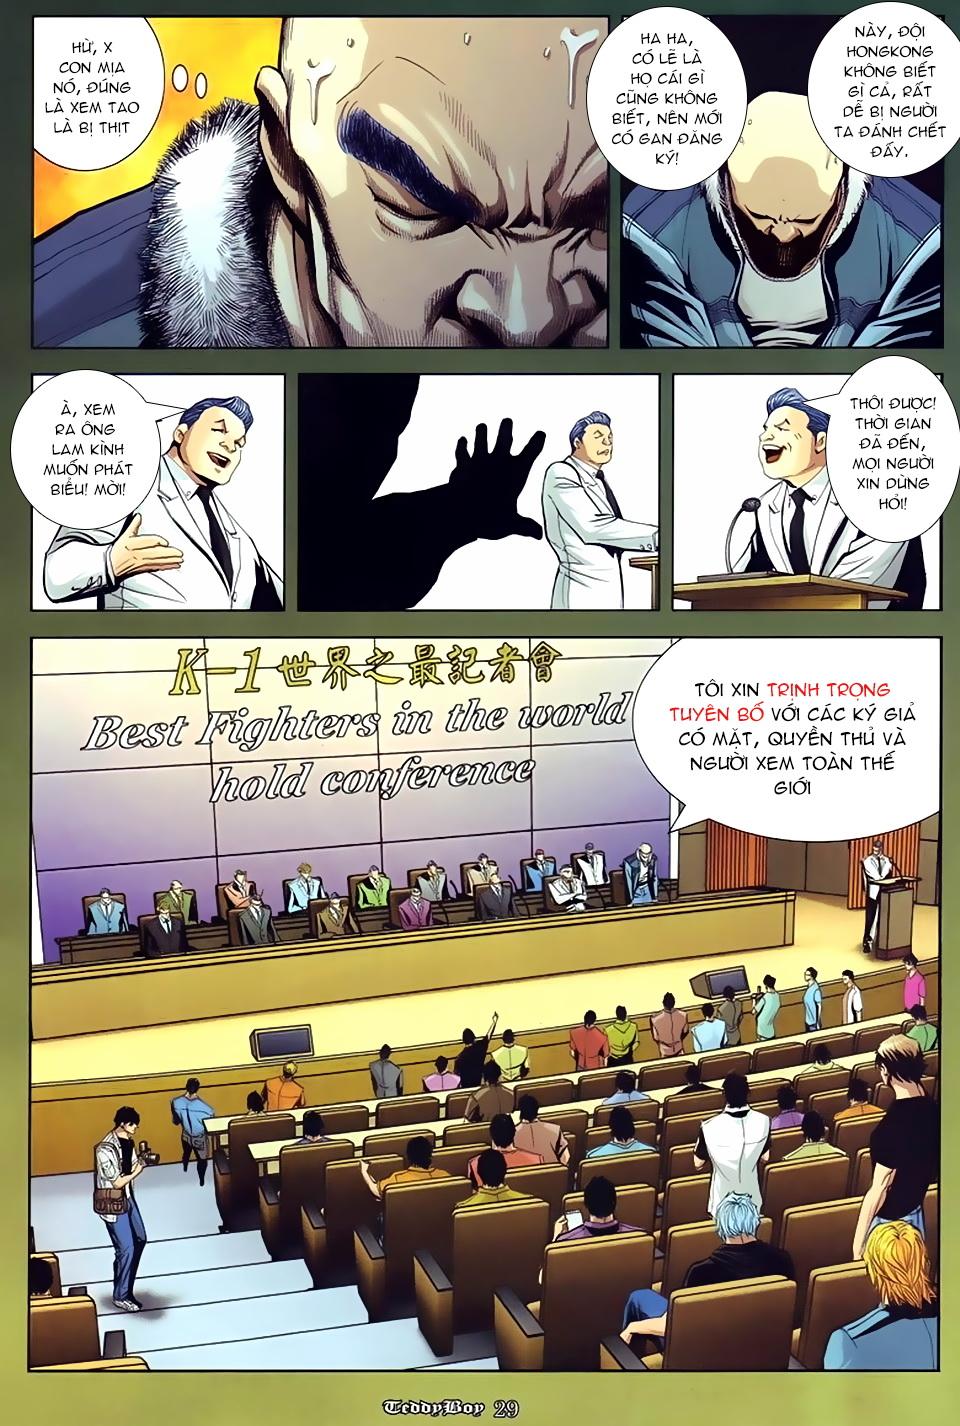 Người Trong Giang Hồ NetTruyen chap 870 - Trang 22